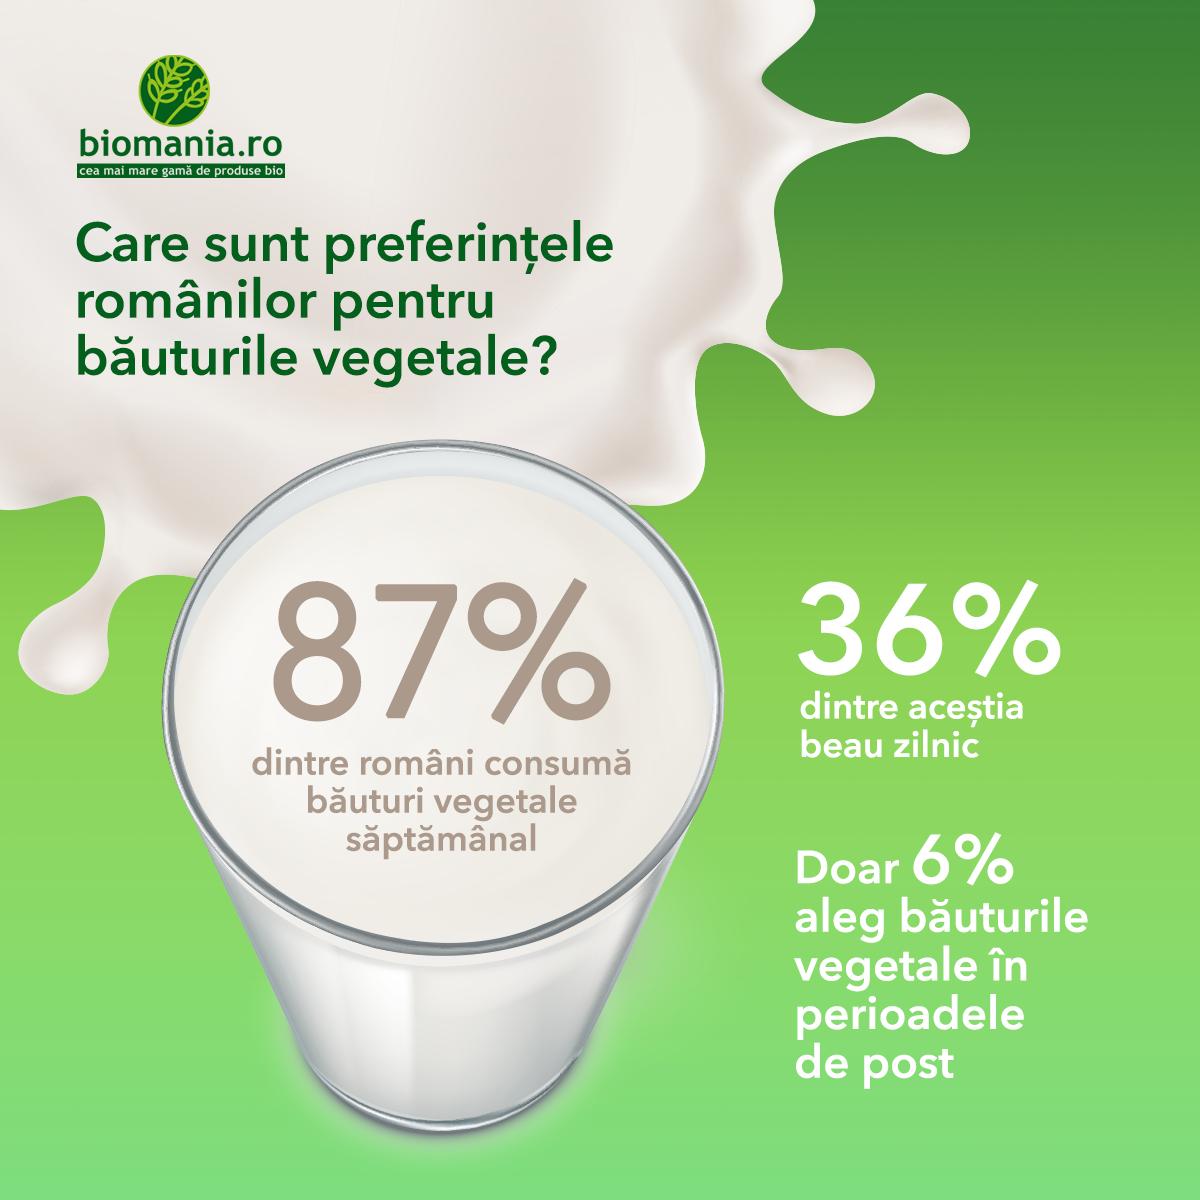 Studiu BioMania.ro. Românii vor să trăiască mai sănătos: 87% includ săptămânal în alimentație băuturi vegetale bio